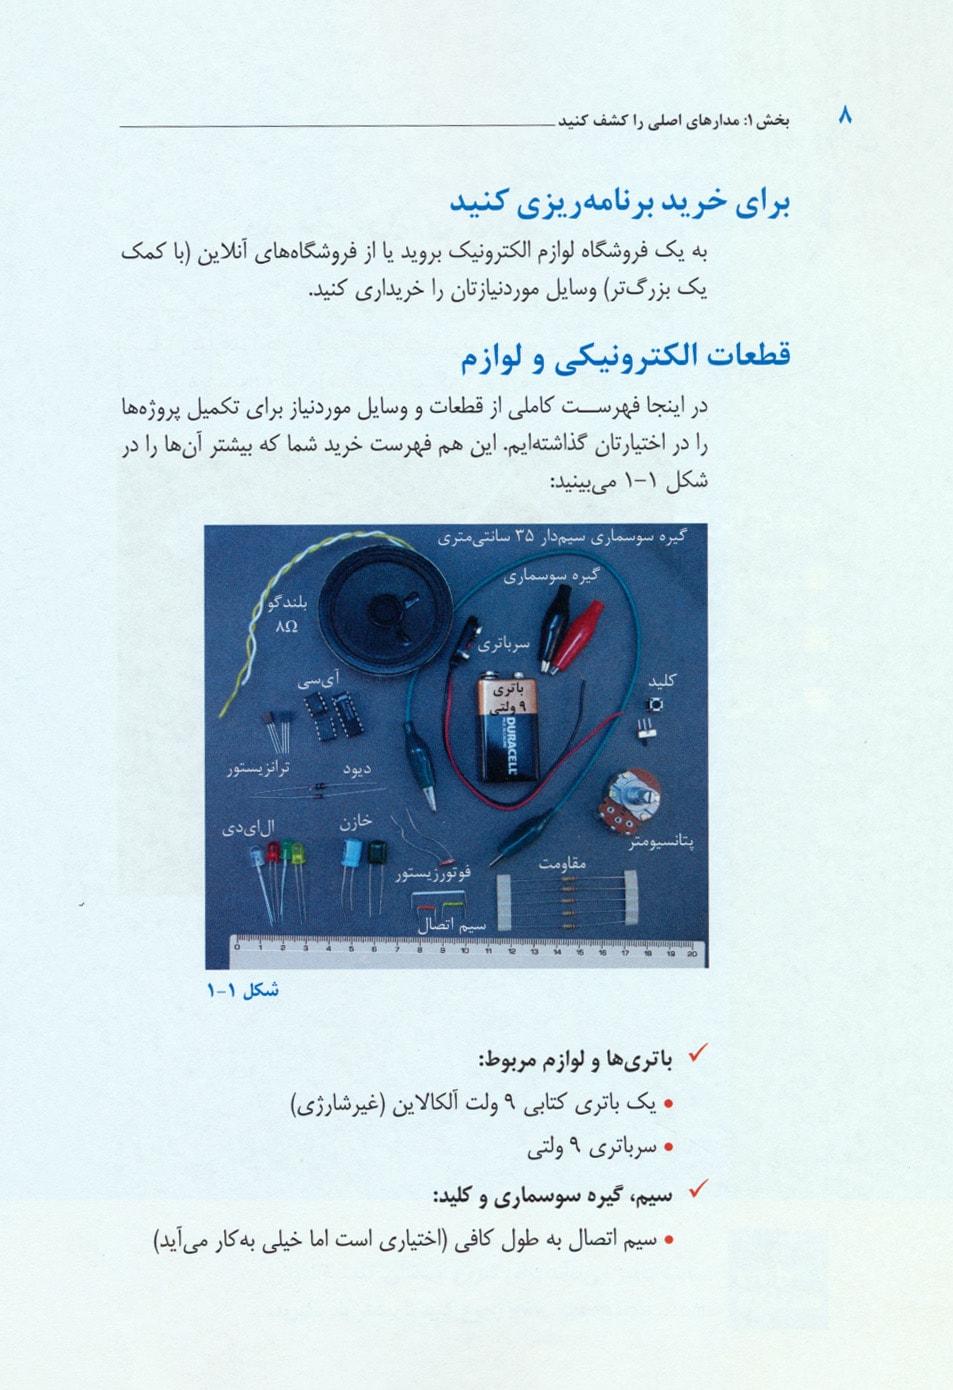 کتاب های دامیز (الکترونیک برای بچه ها)